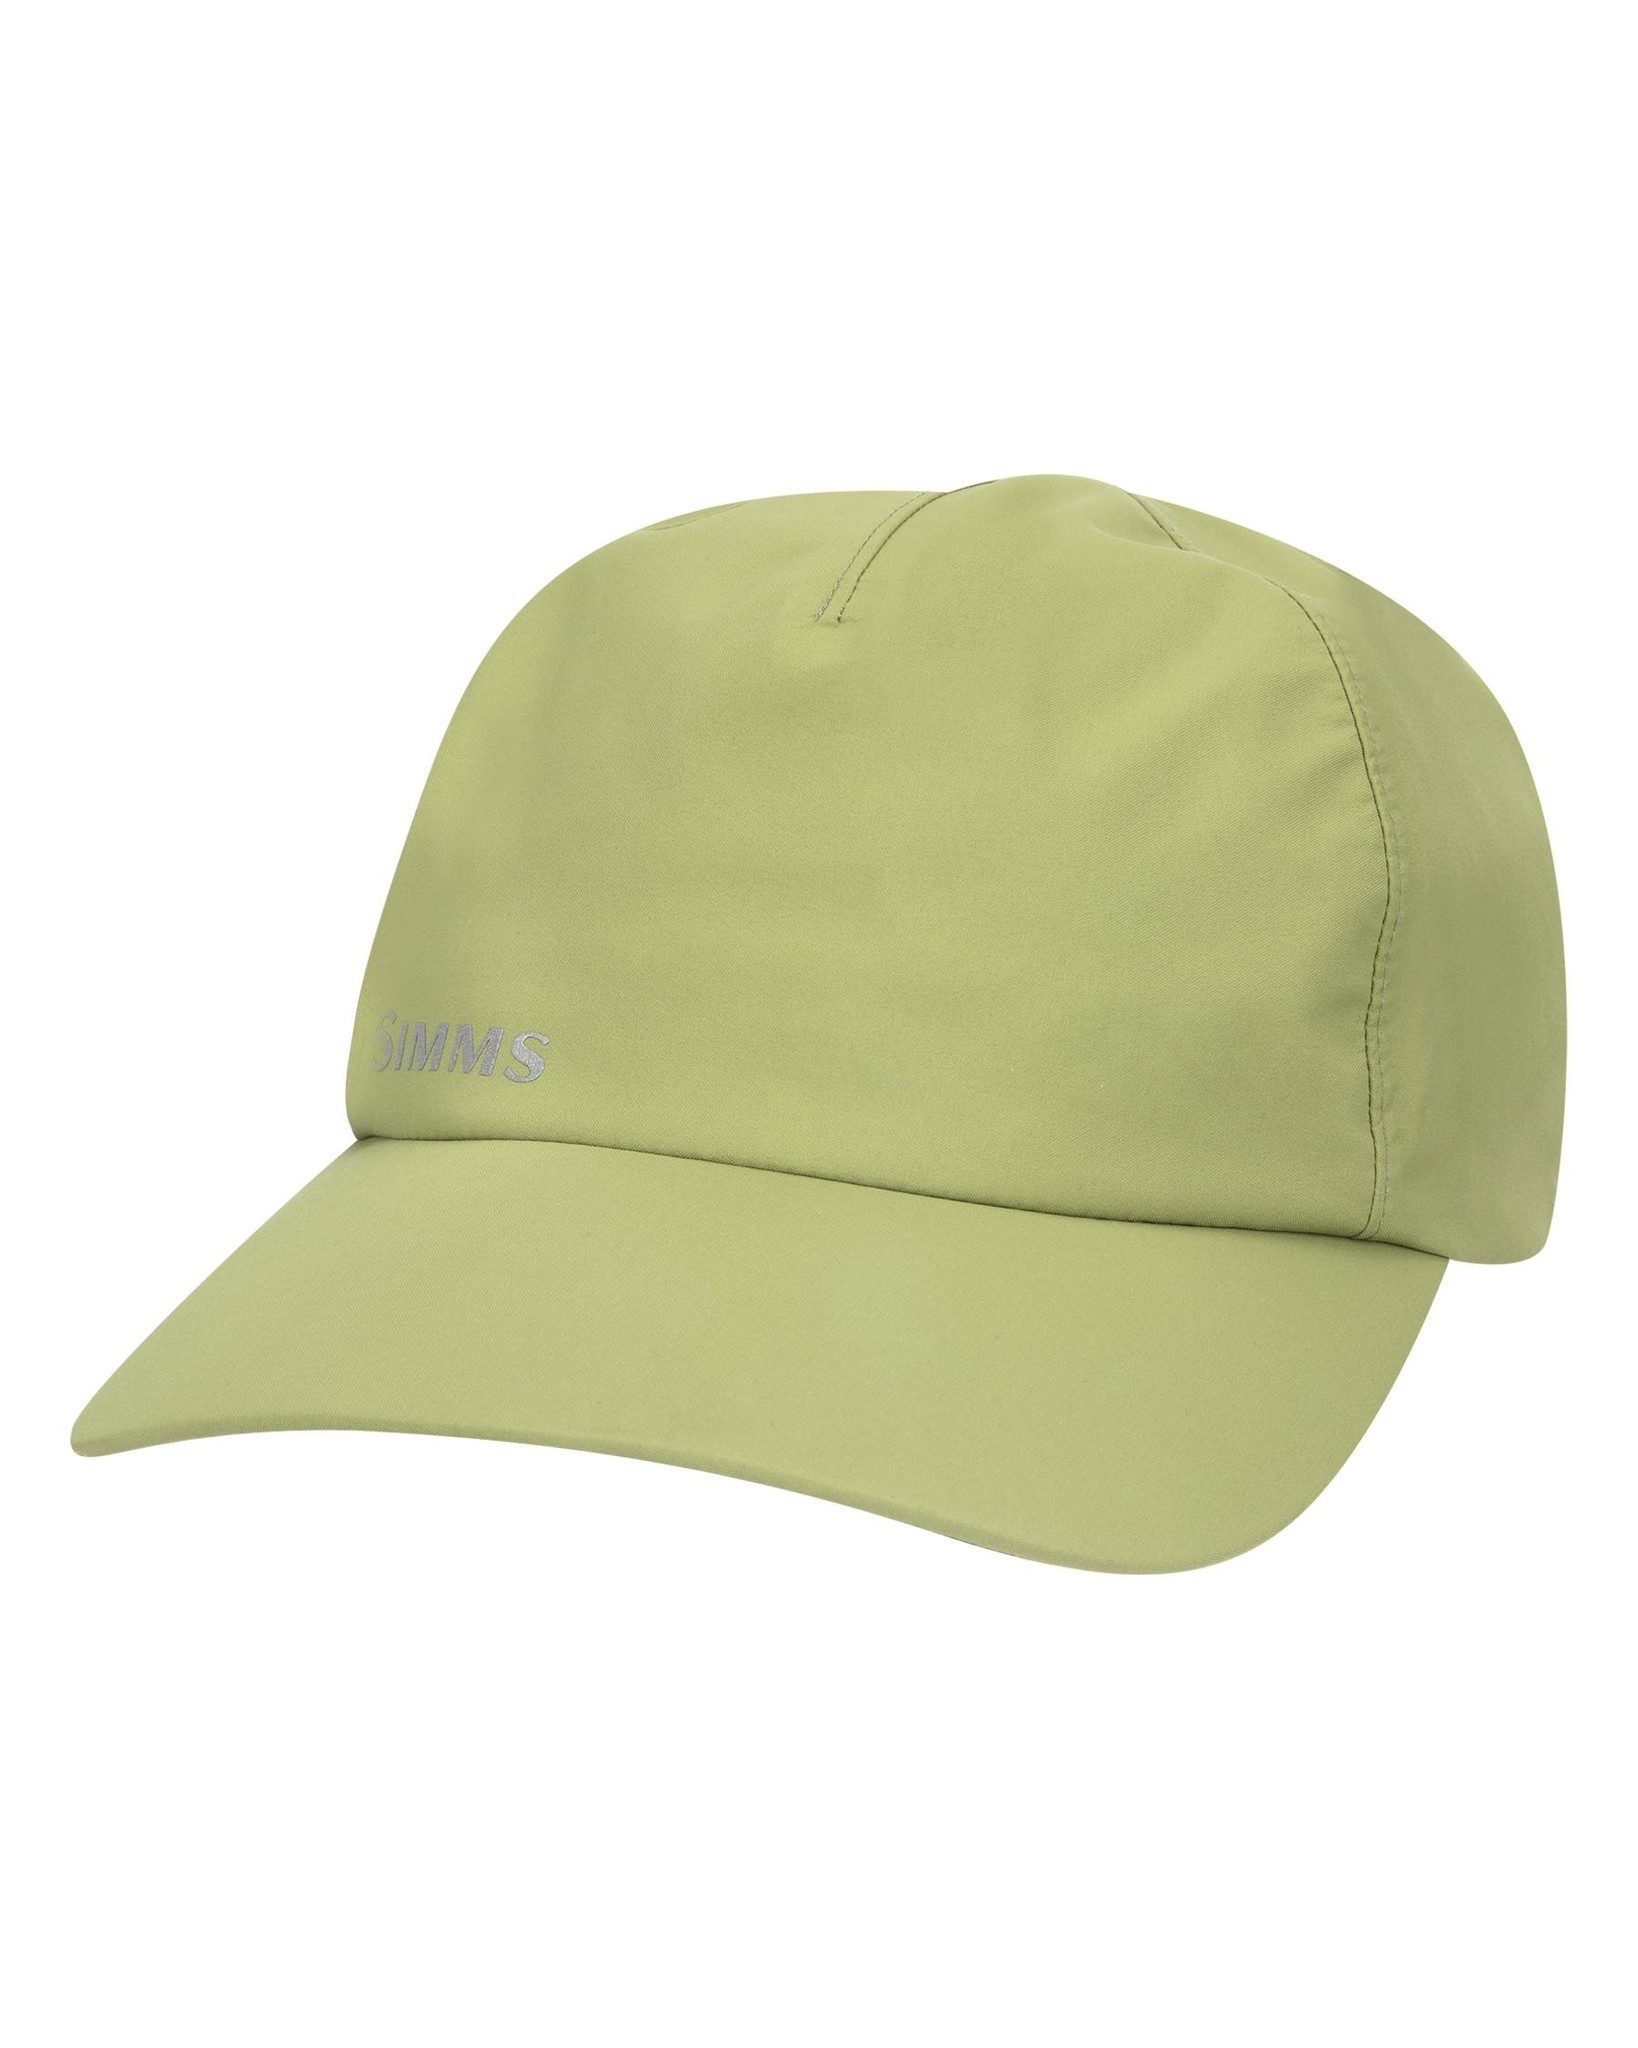 SIMMS GORE-TEX RAIN CAP - ON SALE!!